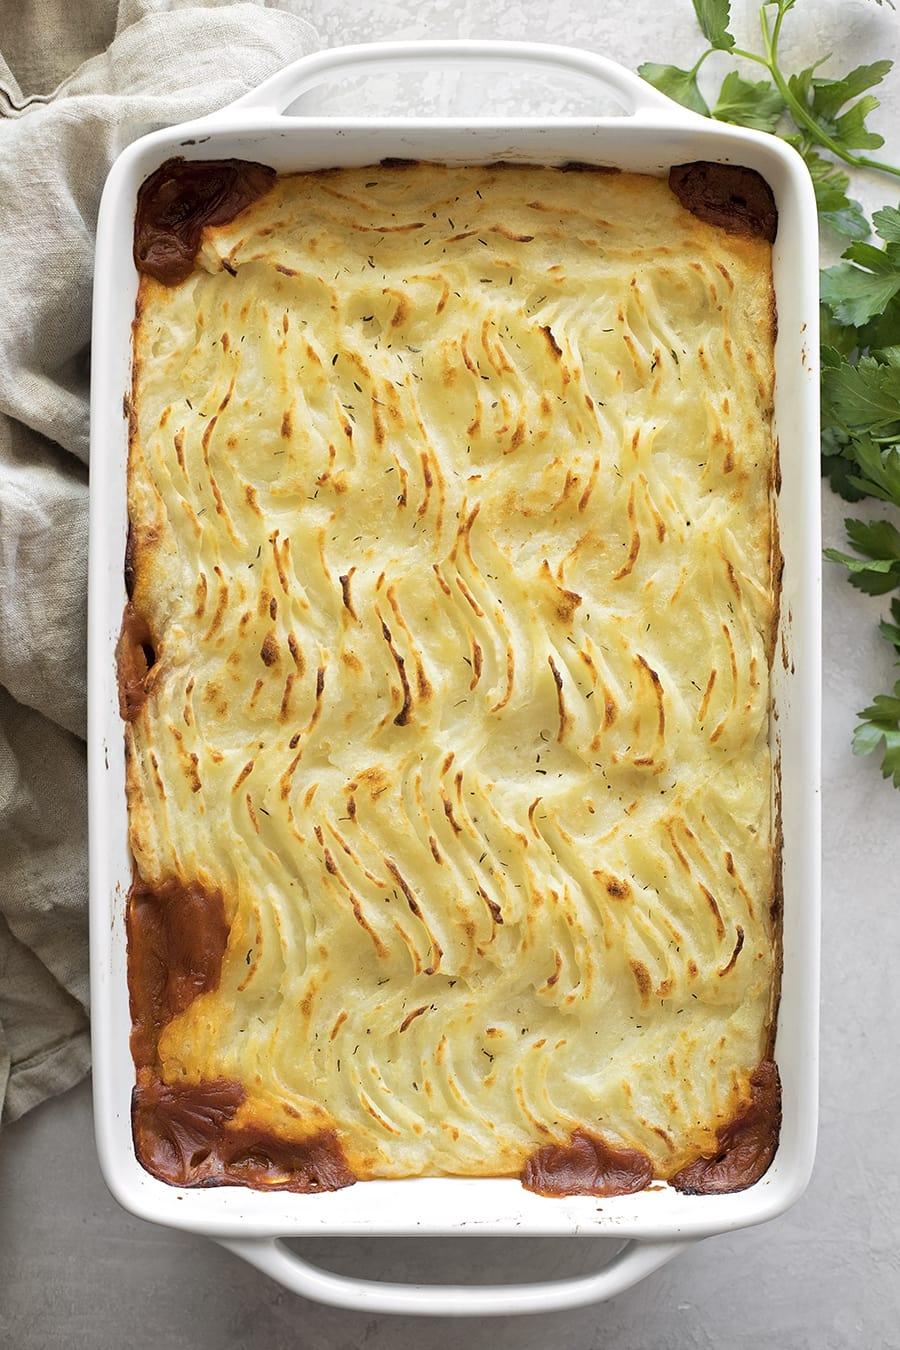 Shepherd's Pie Recipe in casserole dish